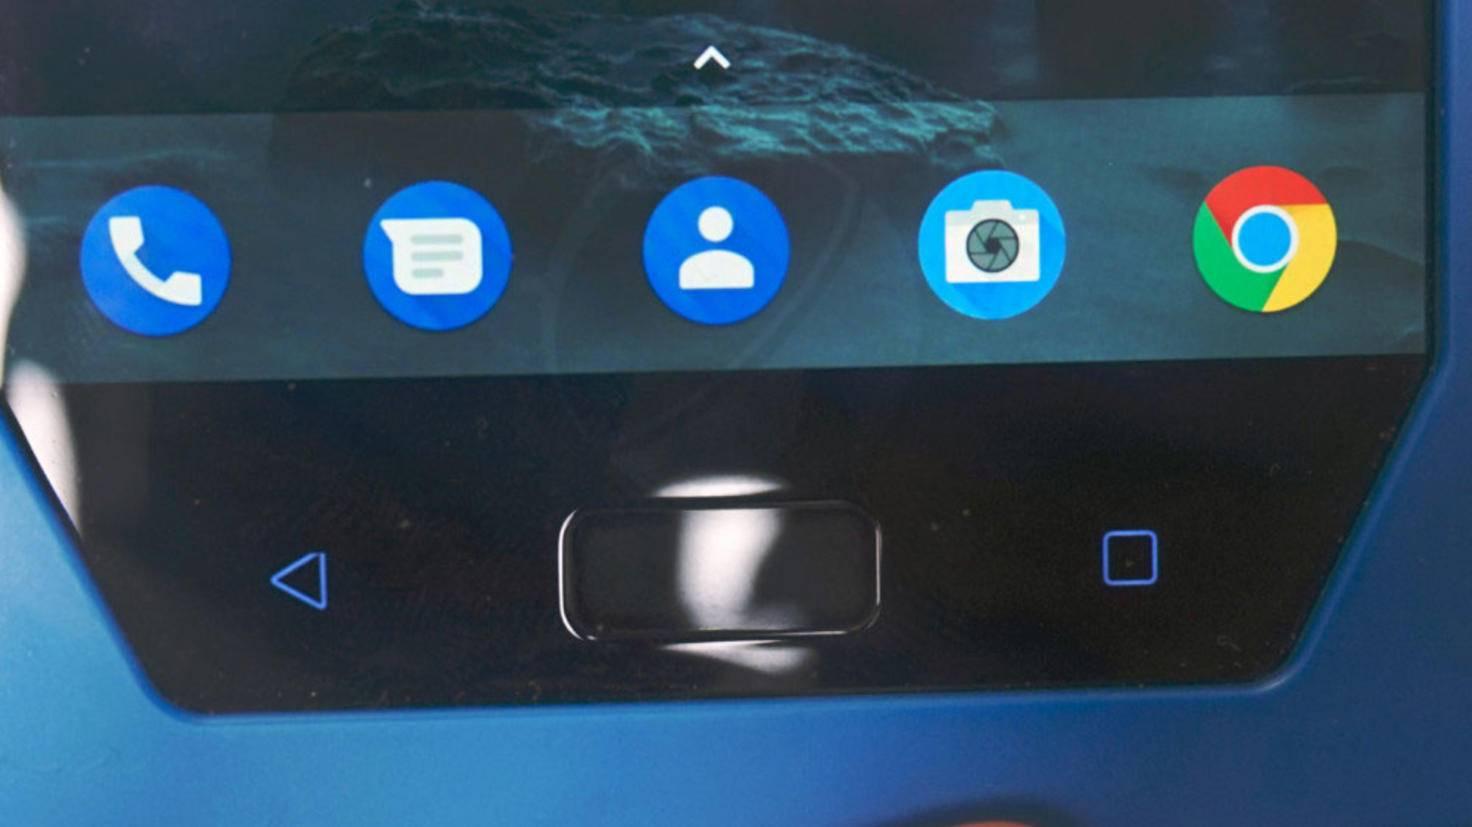 Android 7.1.1 soll vorinstalliert sein, der Pixel-ähnliche Launcher im Nokia-Blau daherkommen.